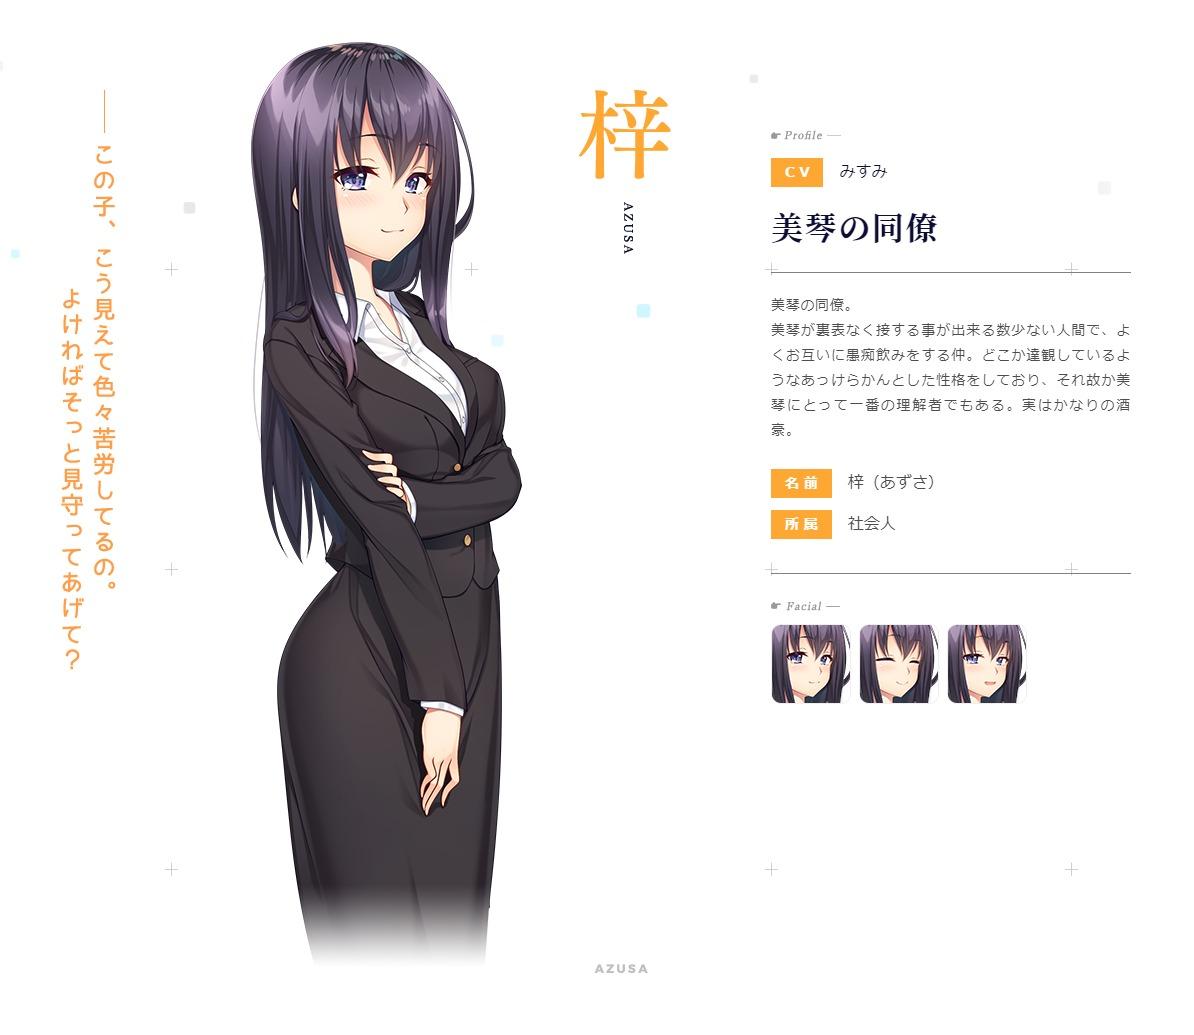 梓(CV-みすみ)|サブキャラクター|ゆびさきコネクション-公式サイト